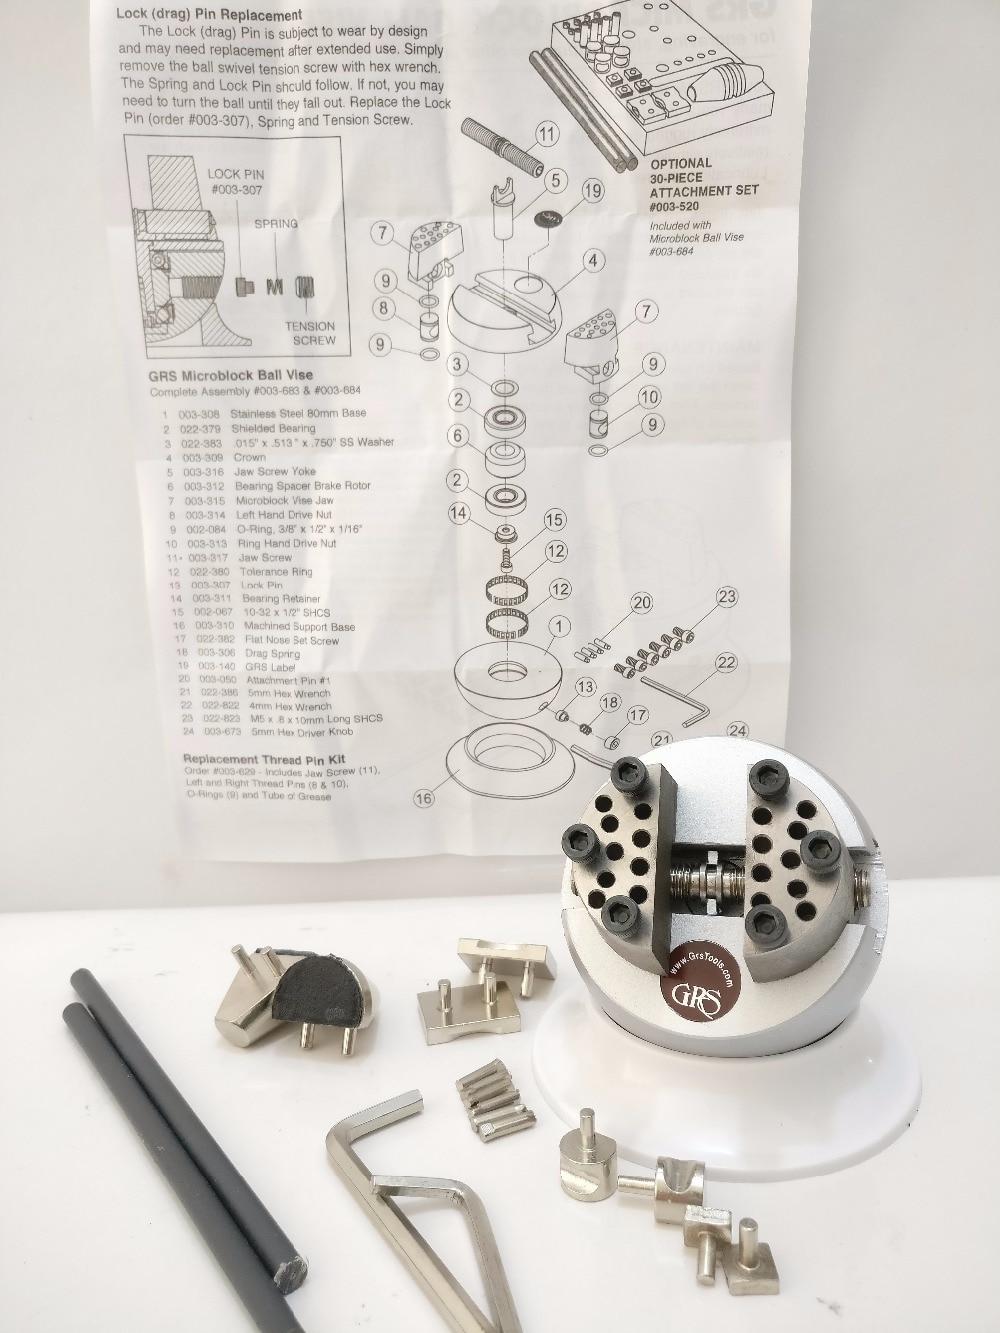 Mini Engraving Ball Vise GRS Micro Block Ring Setting Tools Diamond Stone Setting Ball Vise jewelery tools goldsmith tool mini setting ball grs block ball vise engraving block mini jewelry machine tools & equ